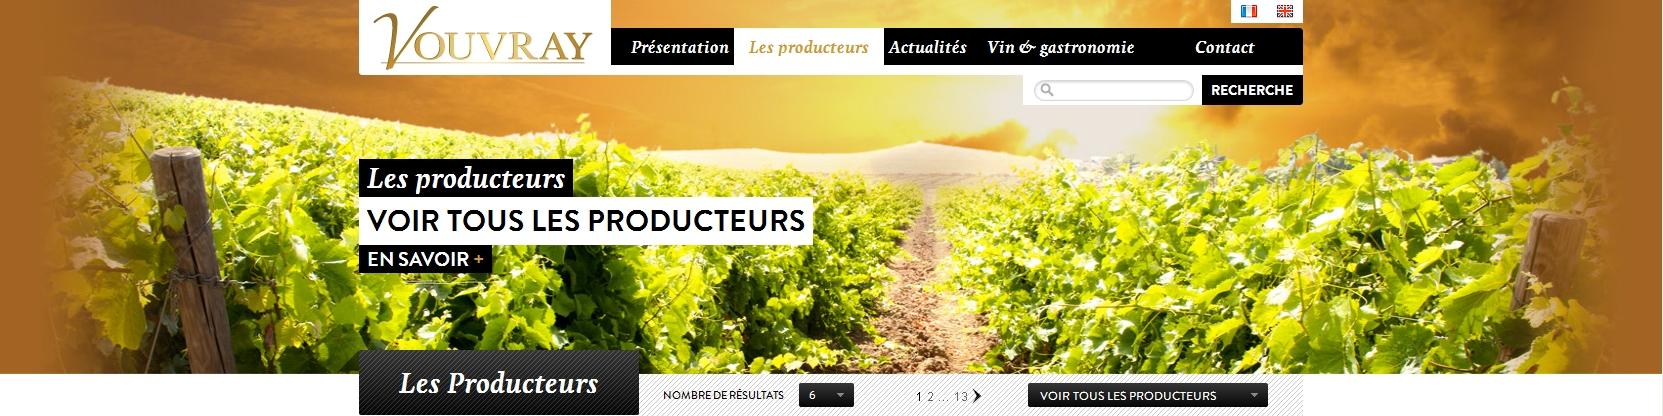 syndicat-des-vignerons-de-laire-dappellation-vouvray